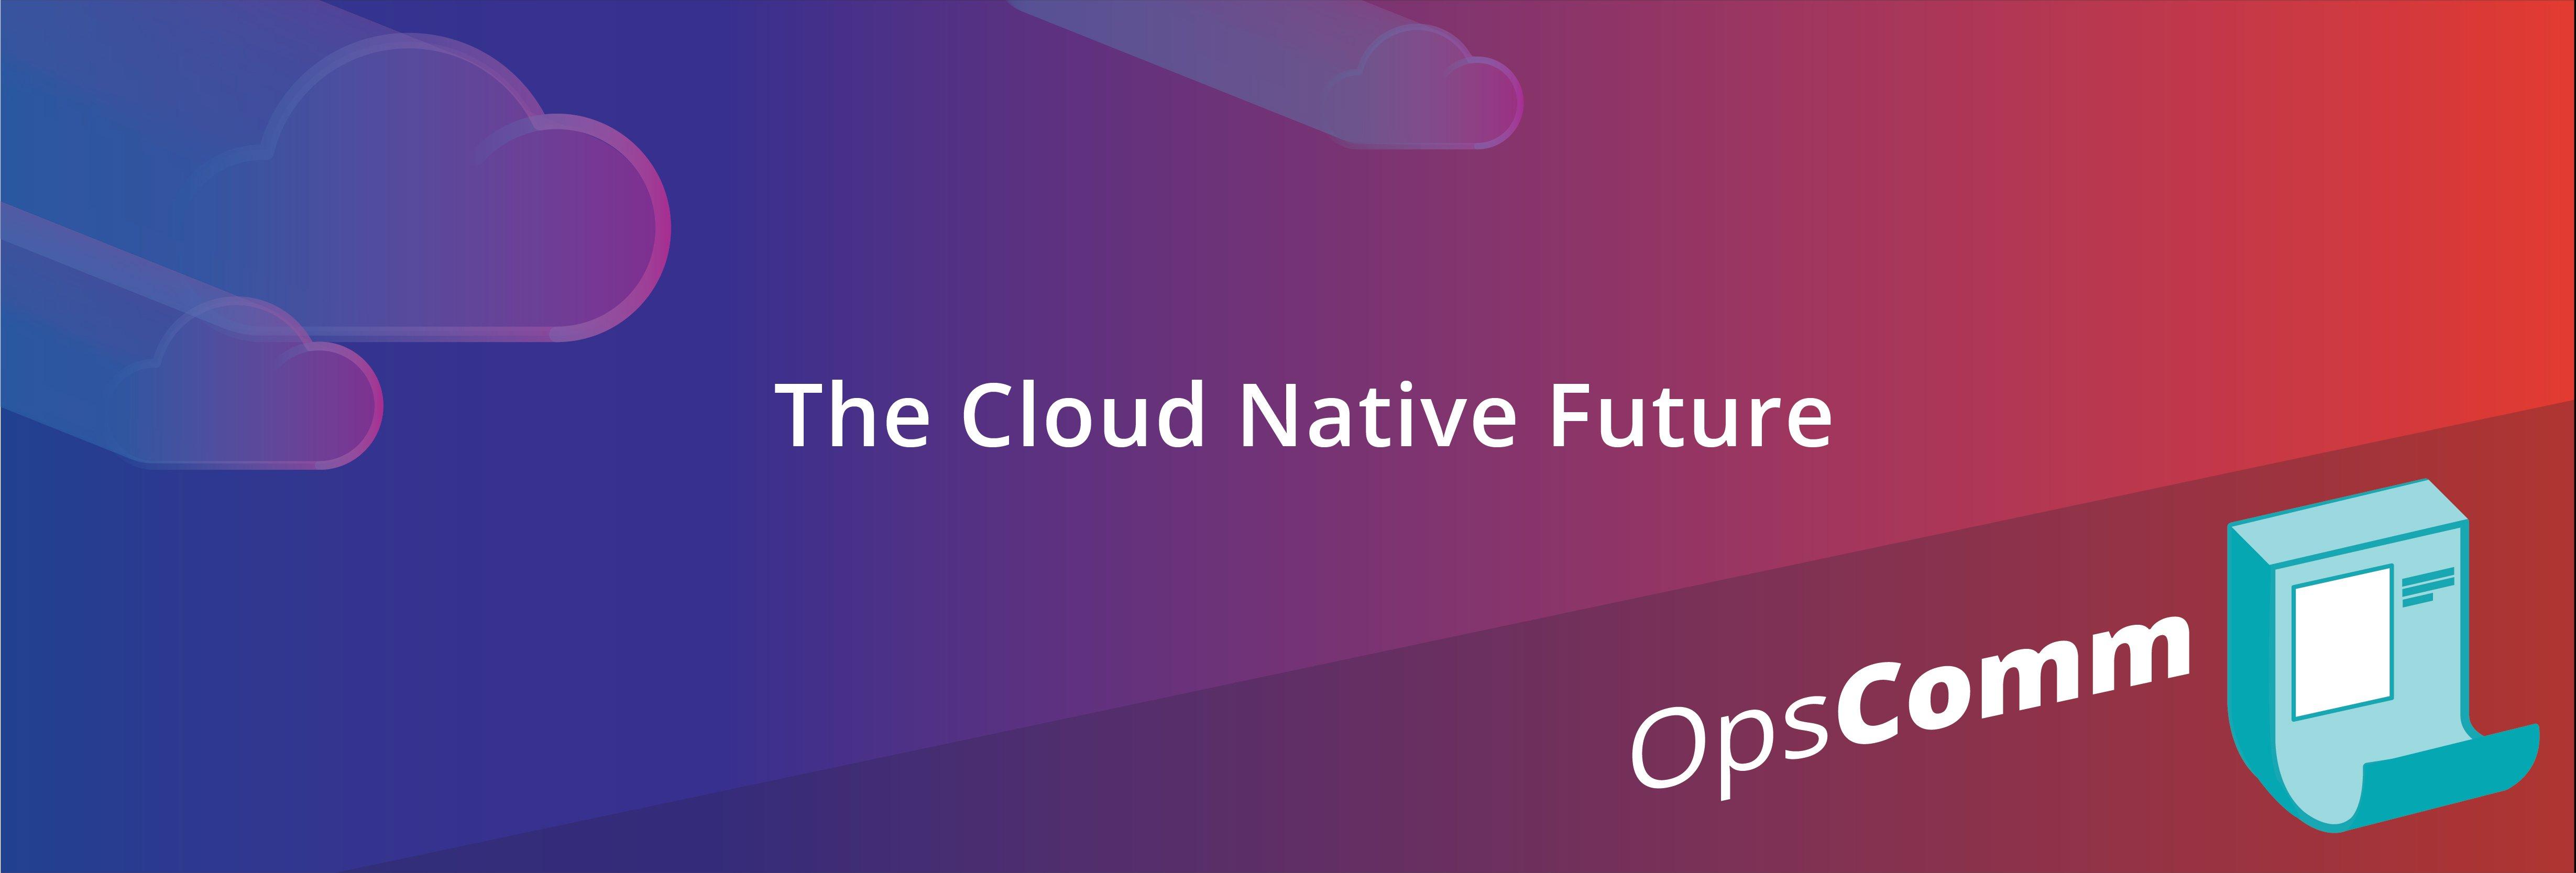 OpsComm 12月:クラウドネイティブの未来は大きな意味でここにあります